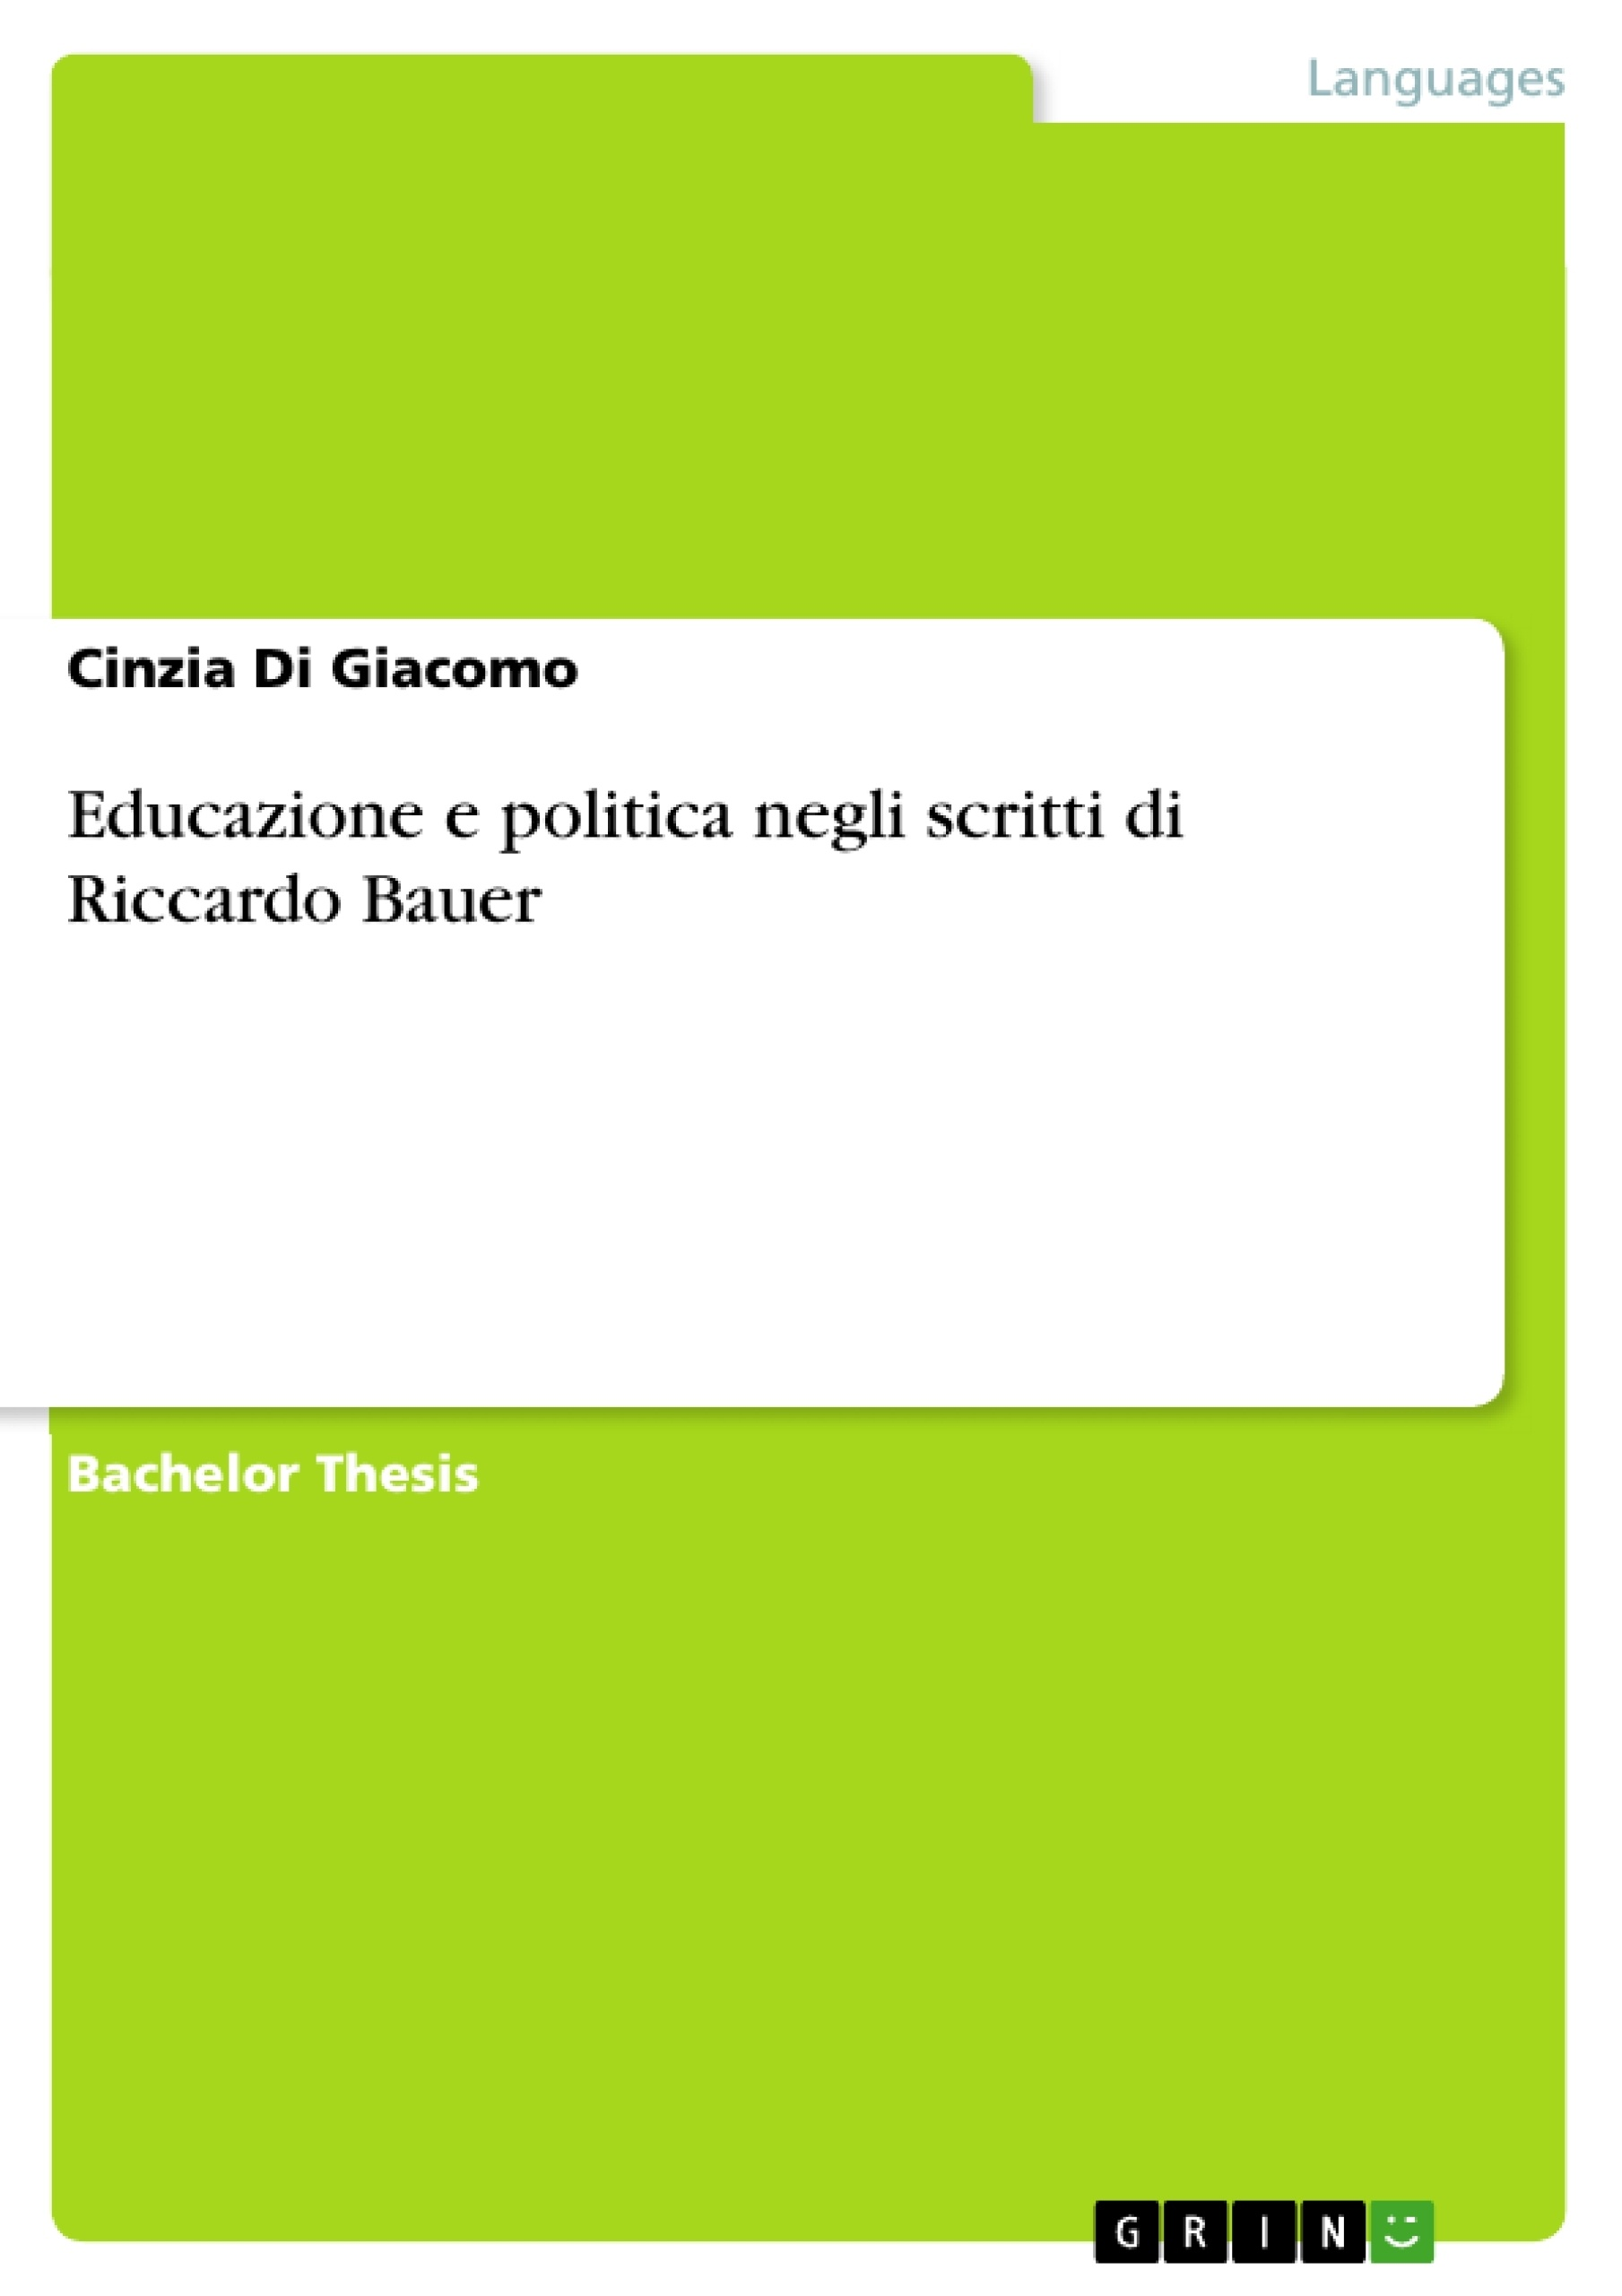 Title: Educazione e politica negli scritti di Riccardo Bauer